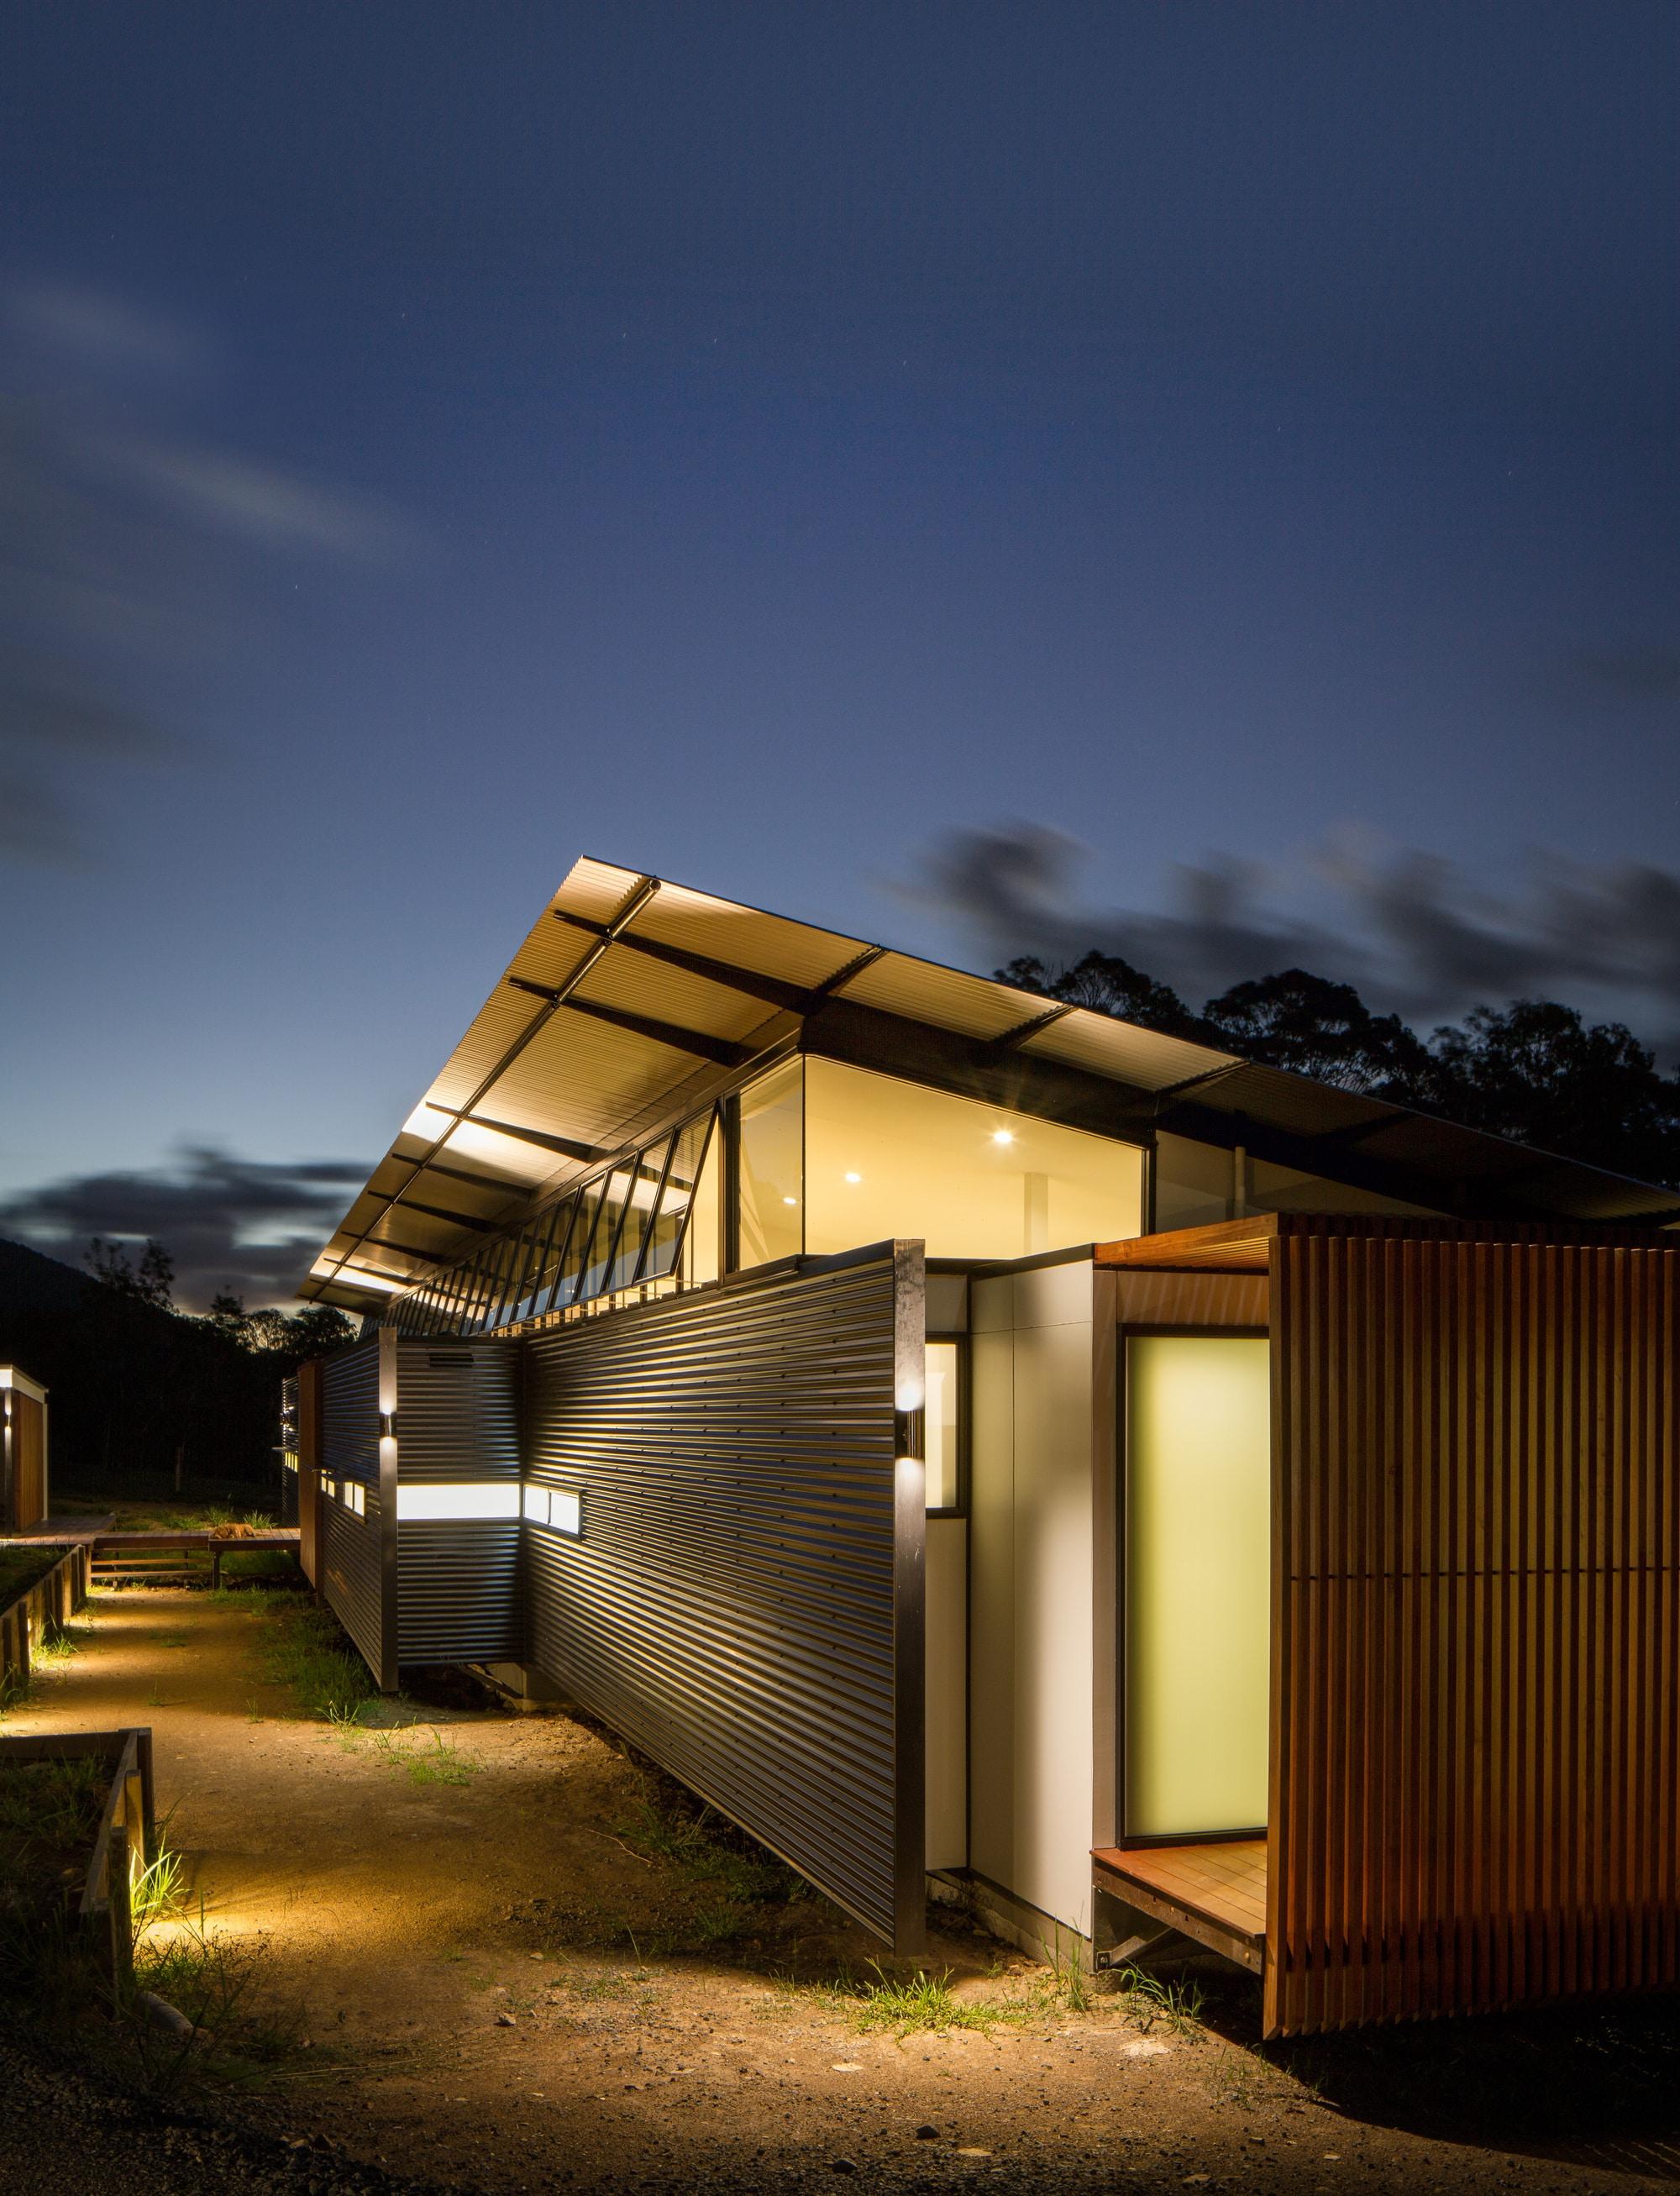 Iluminacion natural exterior